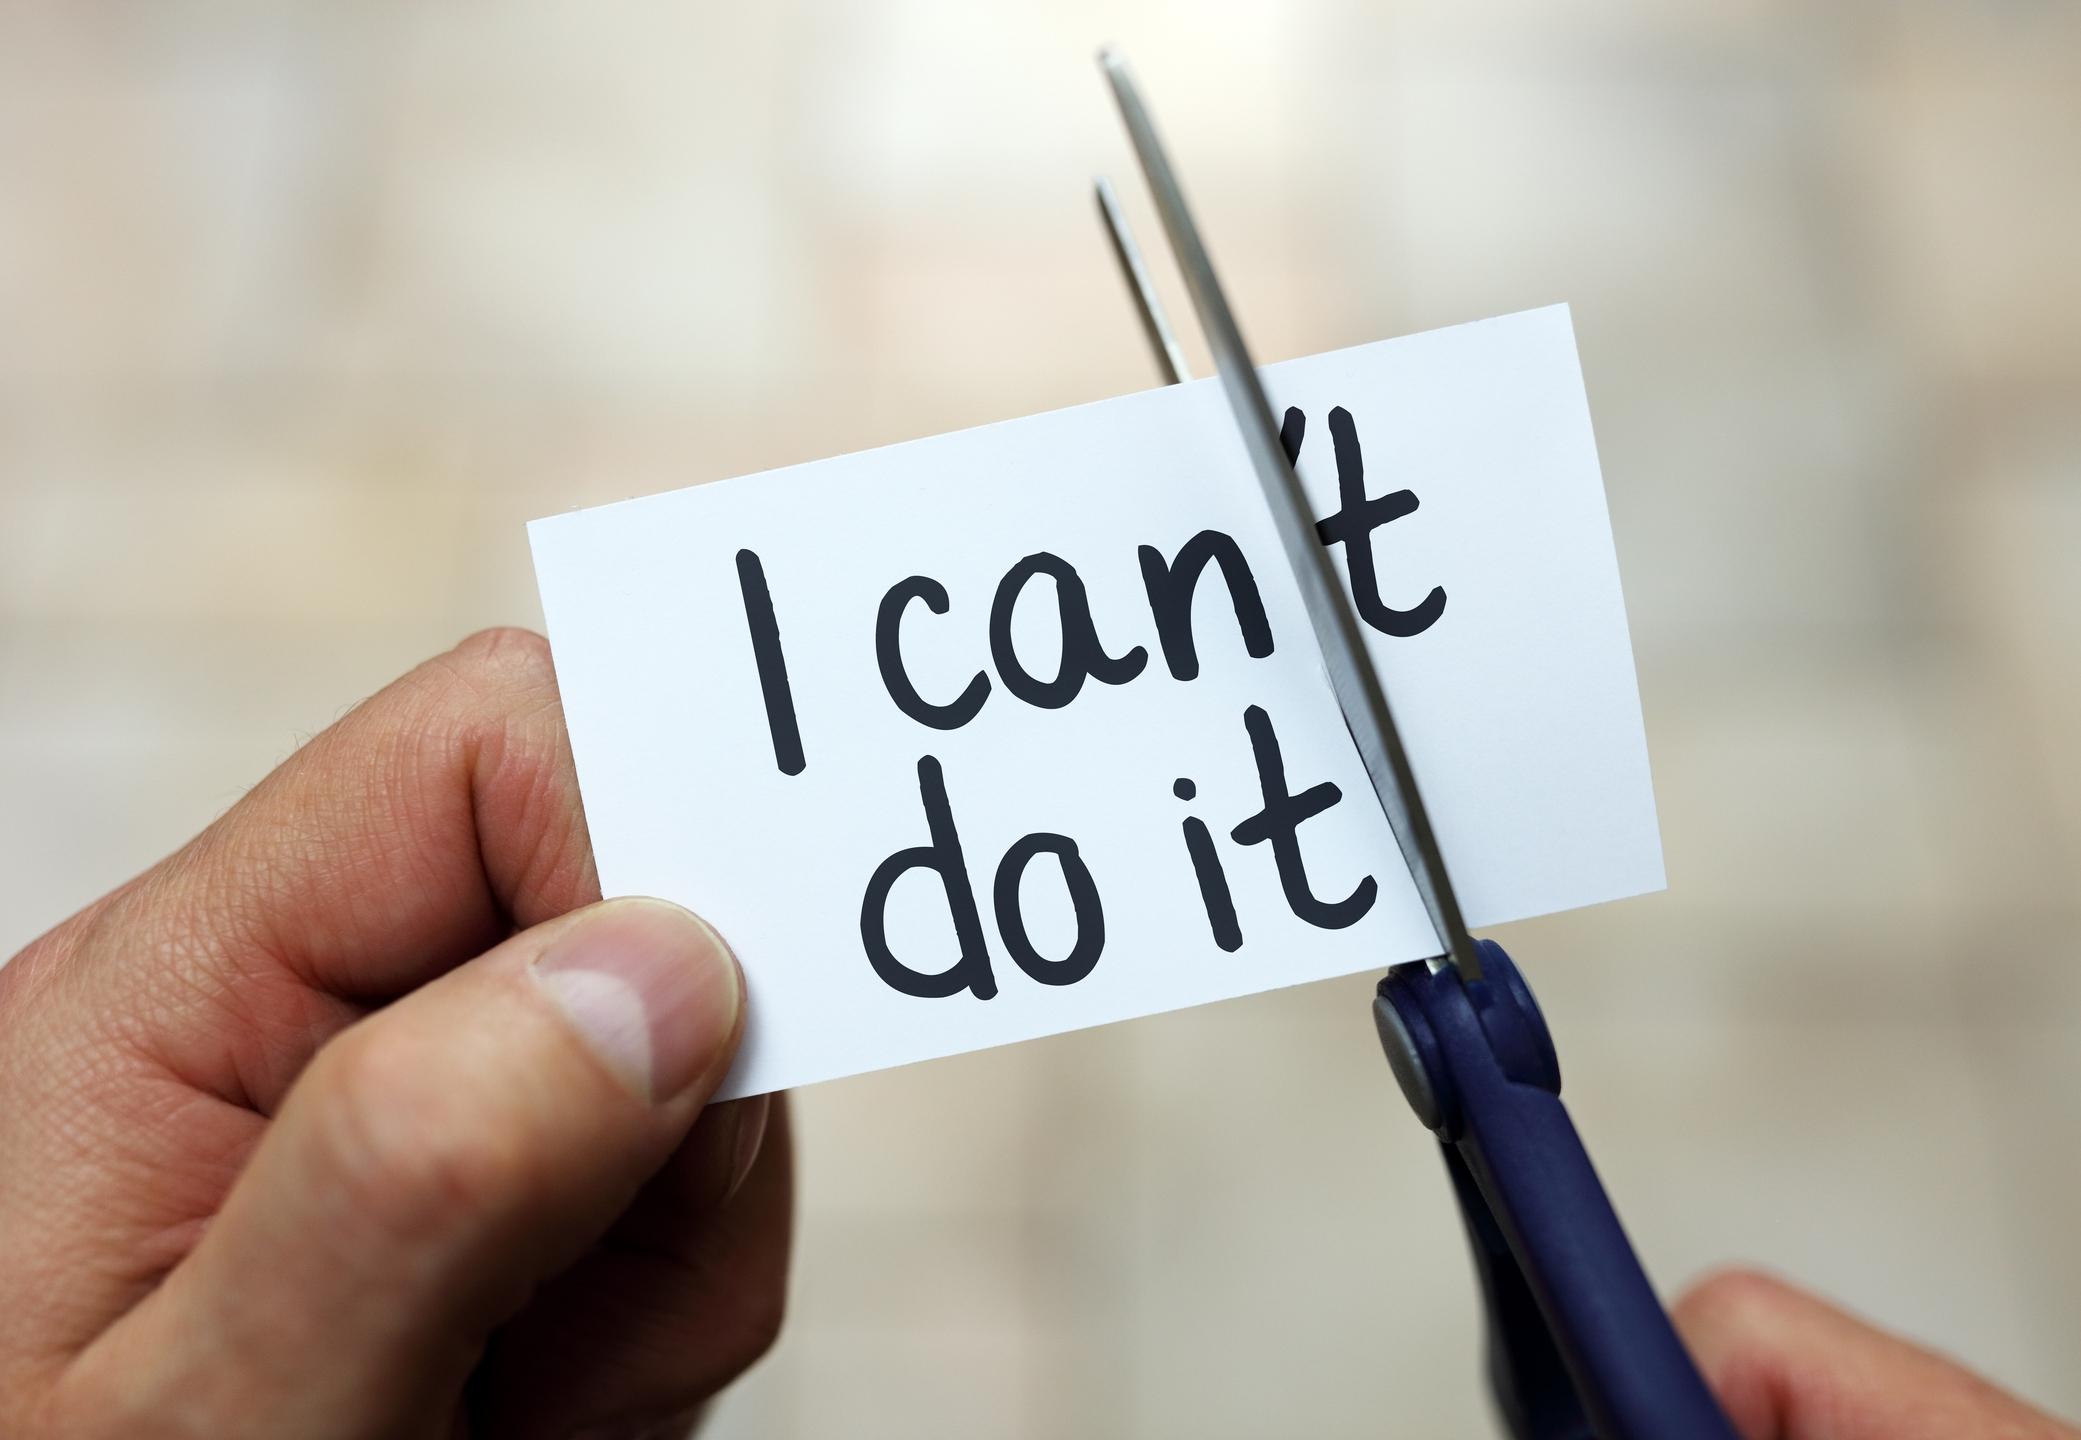 Kako povećati/izgraditi samopouzdanje